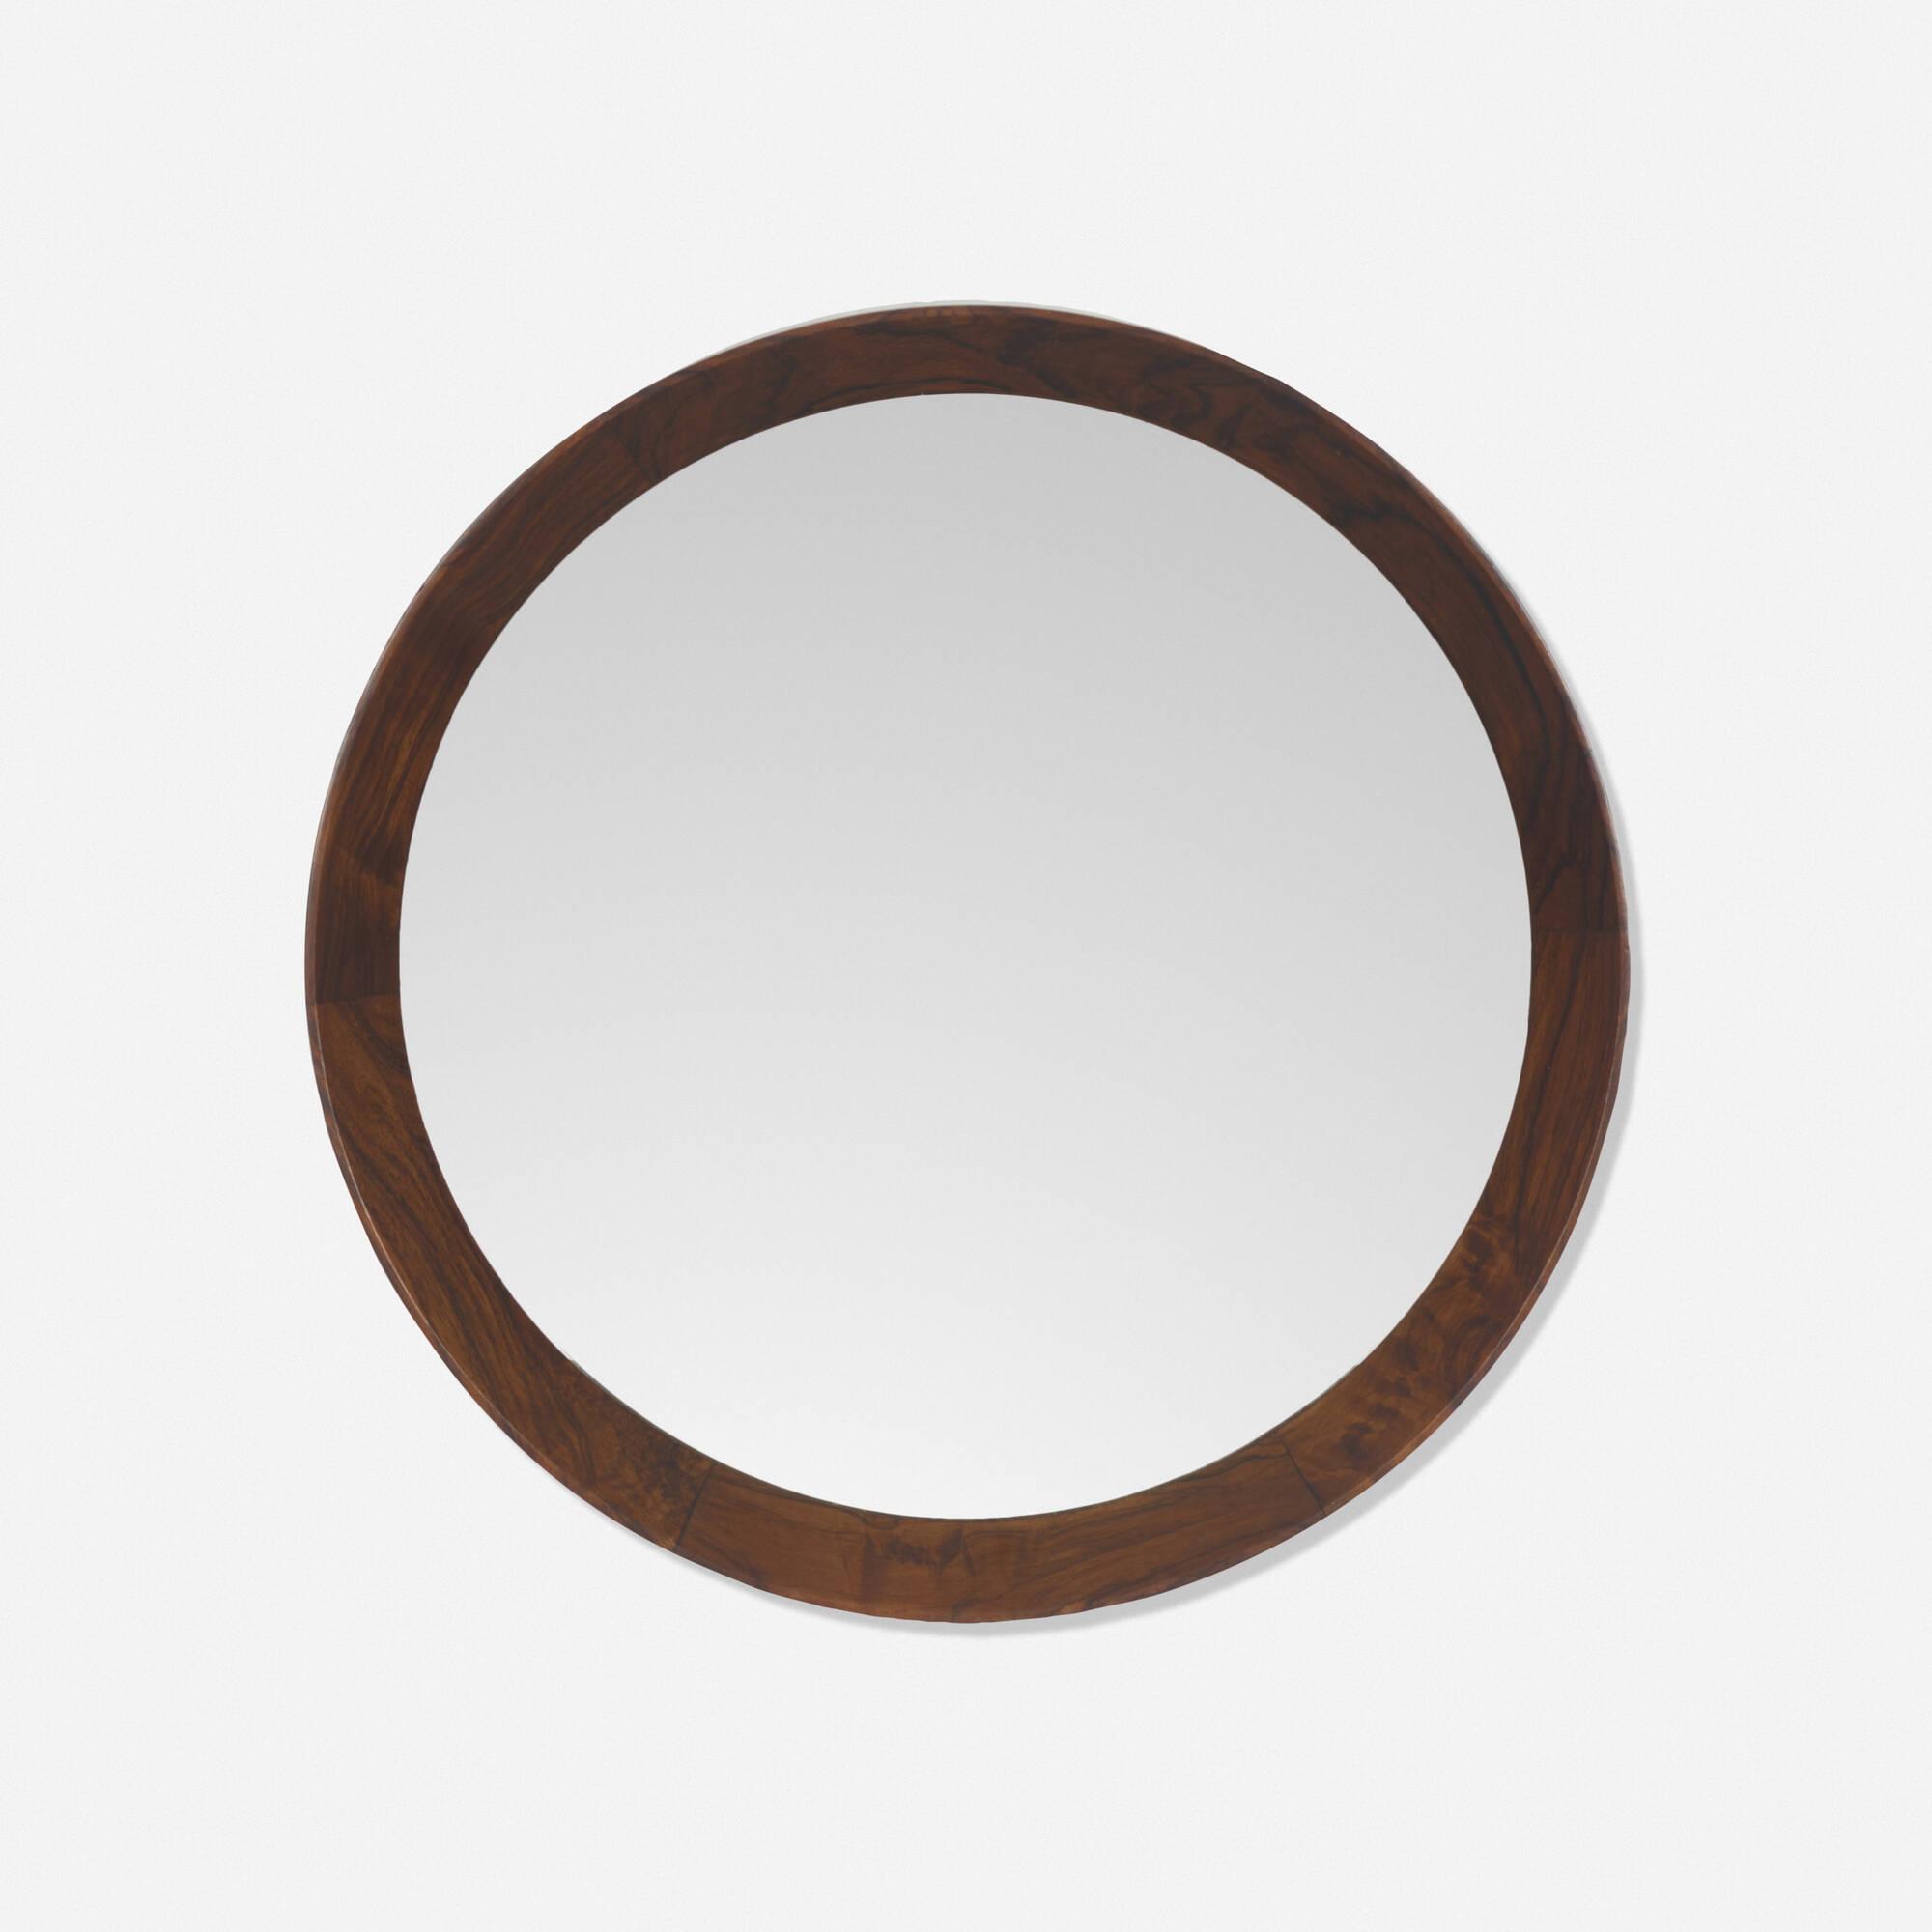 216: Sergio Rodrigues / Grasseli mirror (1 of 2)